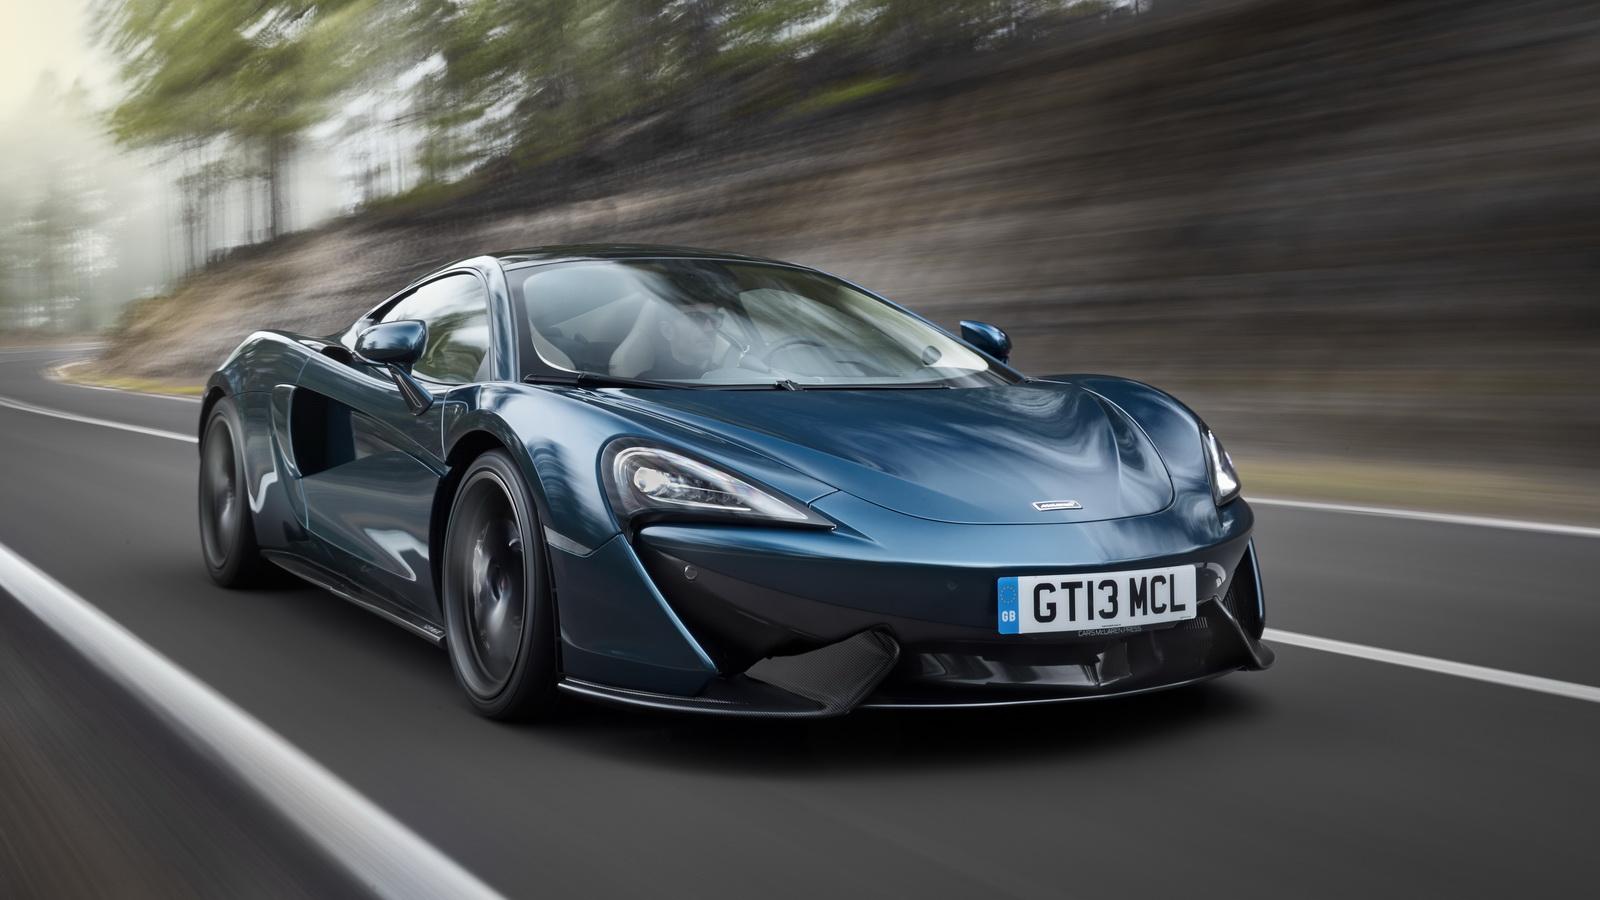 """McLaren cam kết sẽ """"bảo tồn"""" ADN nguyên bản truyền thống của hãng"""